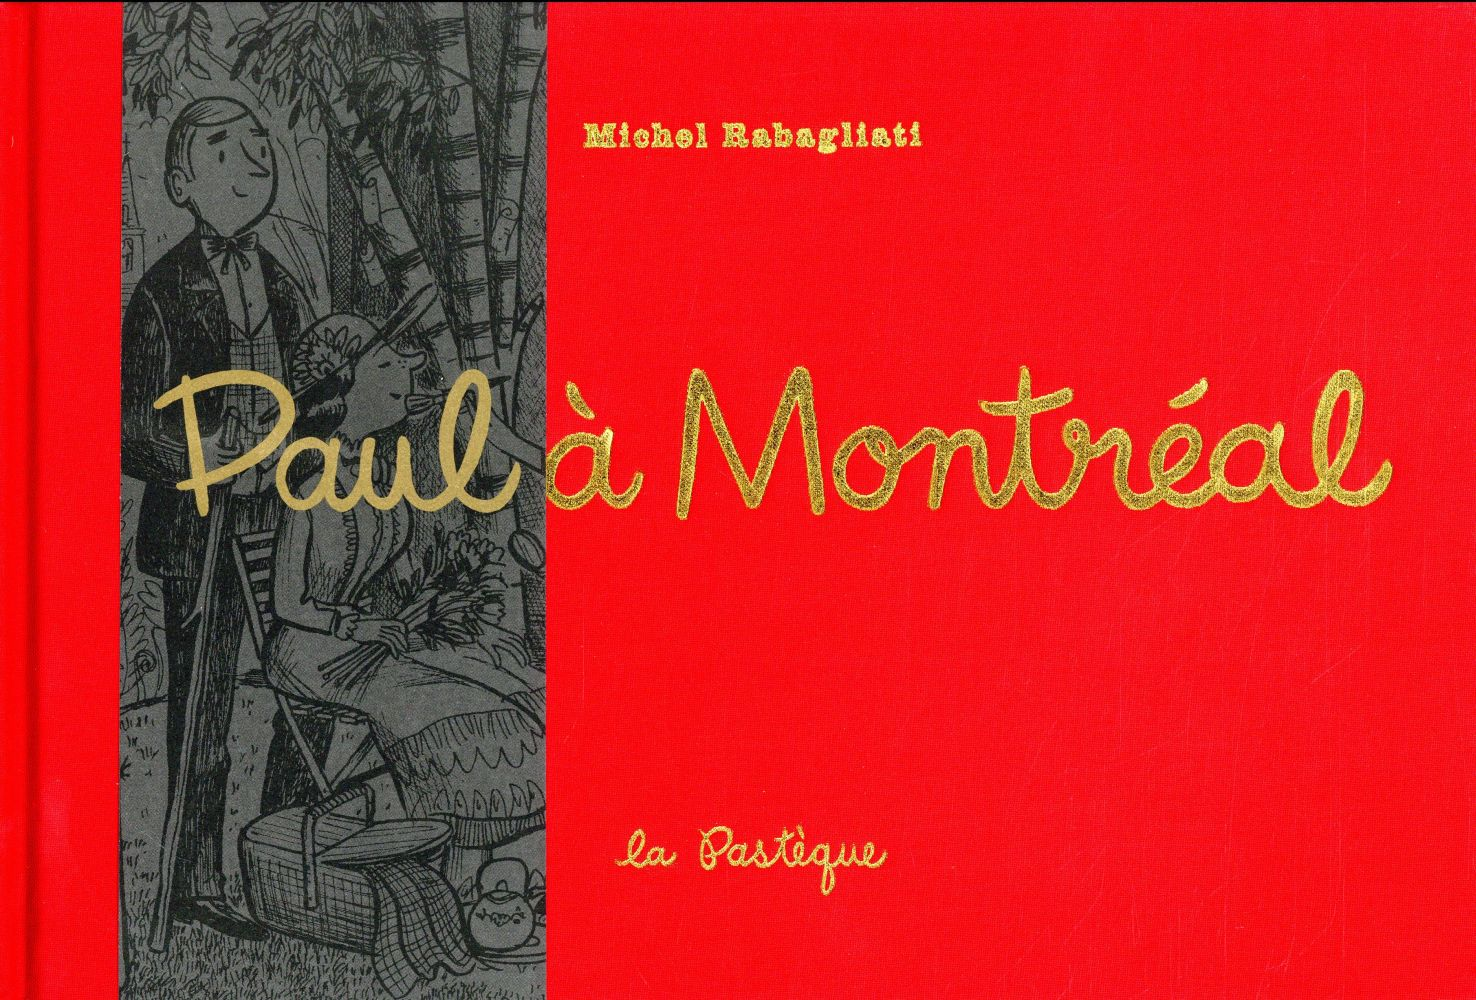 Paul à Montréal